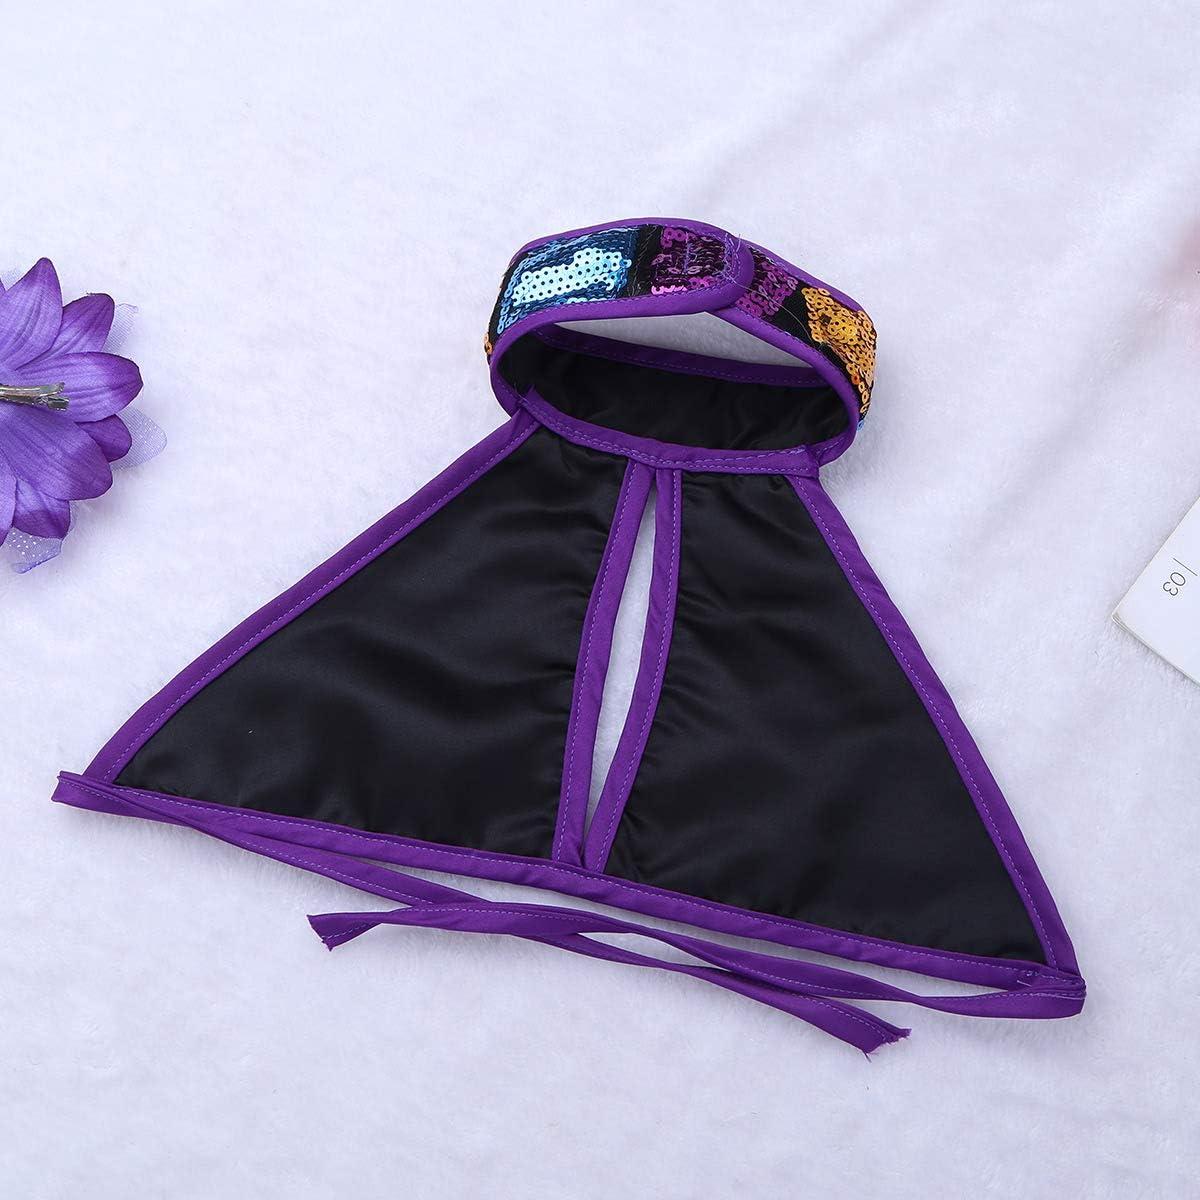 Agoky Robe de Danse Robe de Ballet Latine Salsa Jazz Performance B/éb/é Enfant Fille Costume de Danse Robe Soir/ée Cocktail Paillettes Brillant Bodysuit Dancewear 1-14 Ans